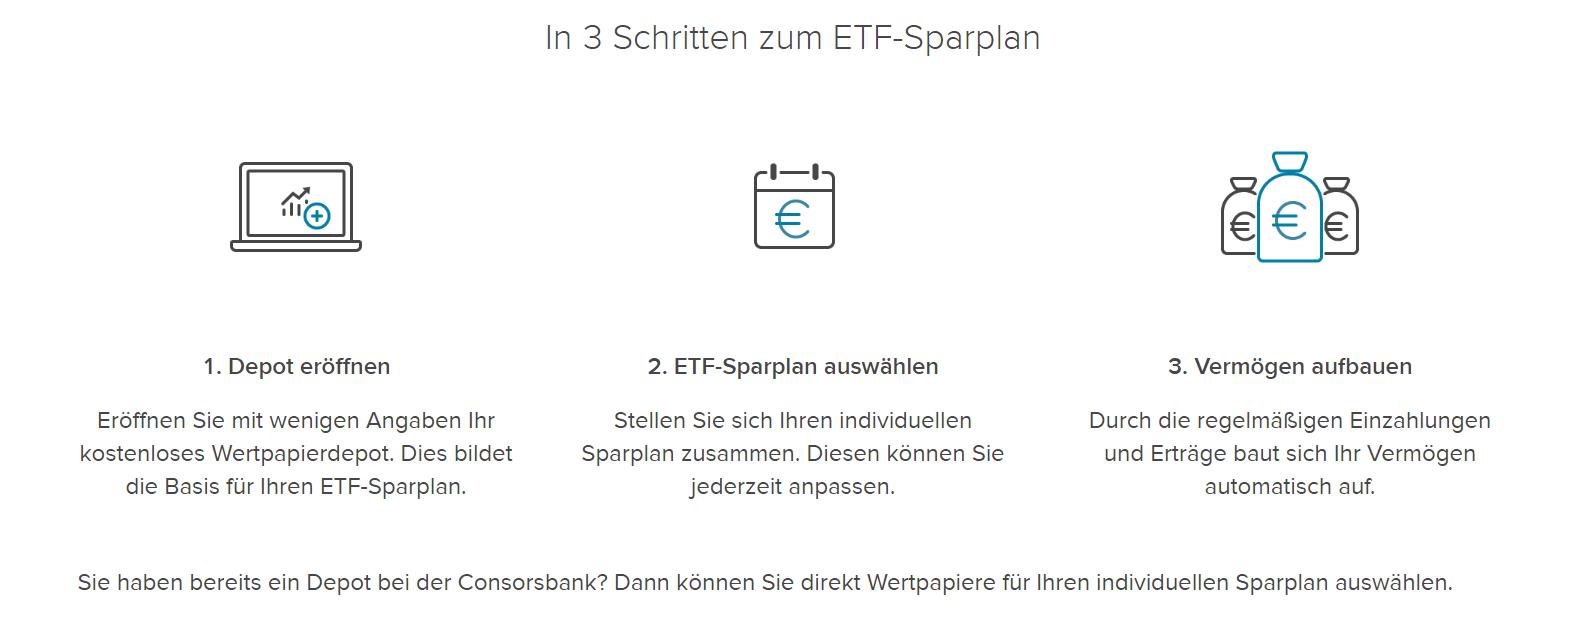 etf sparplan consorsbank